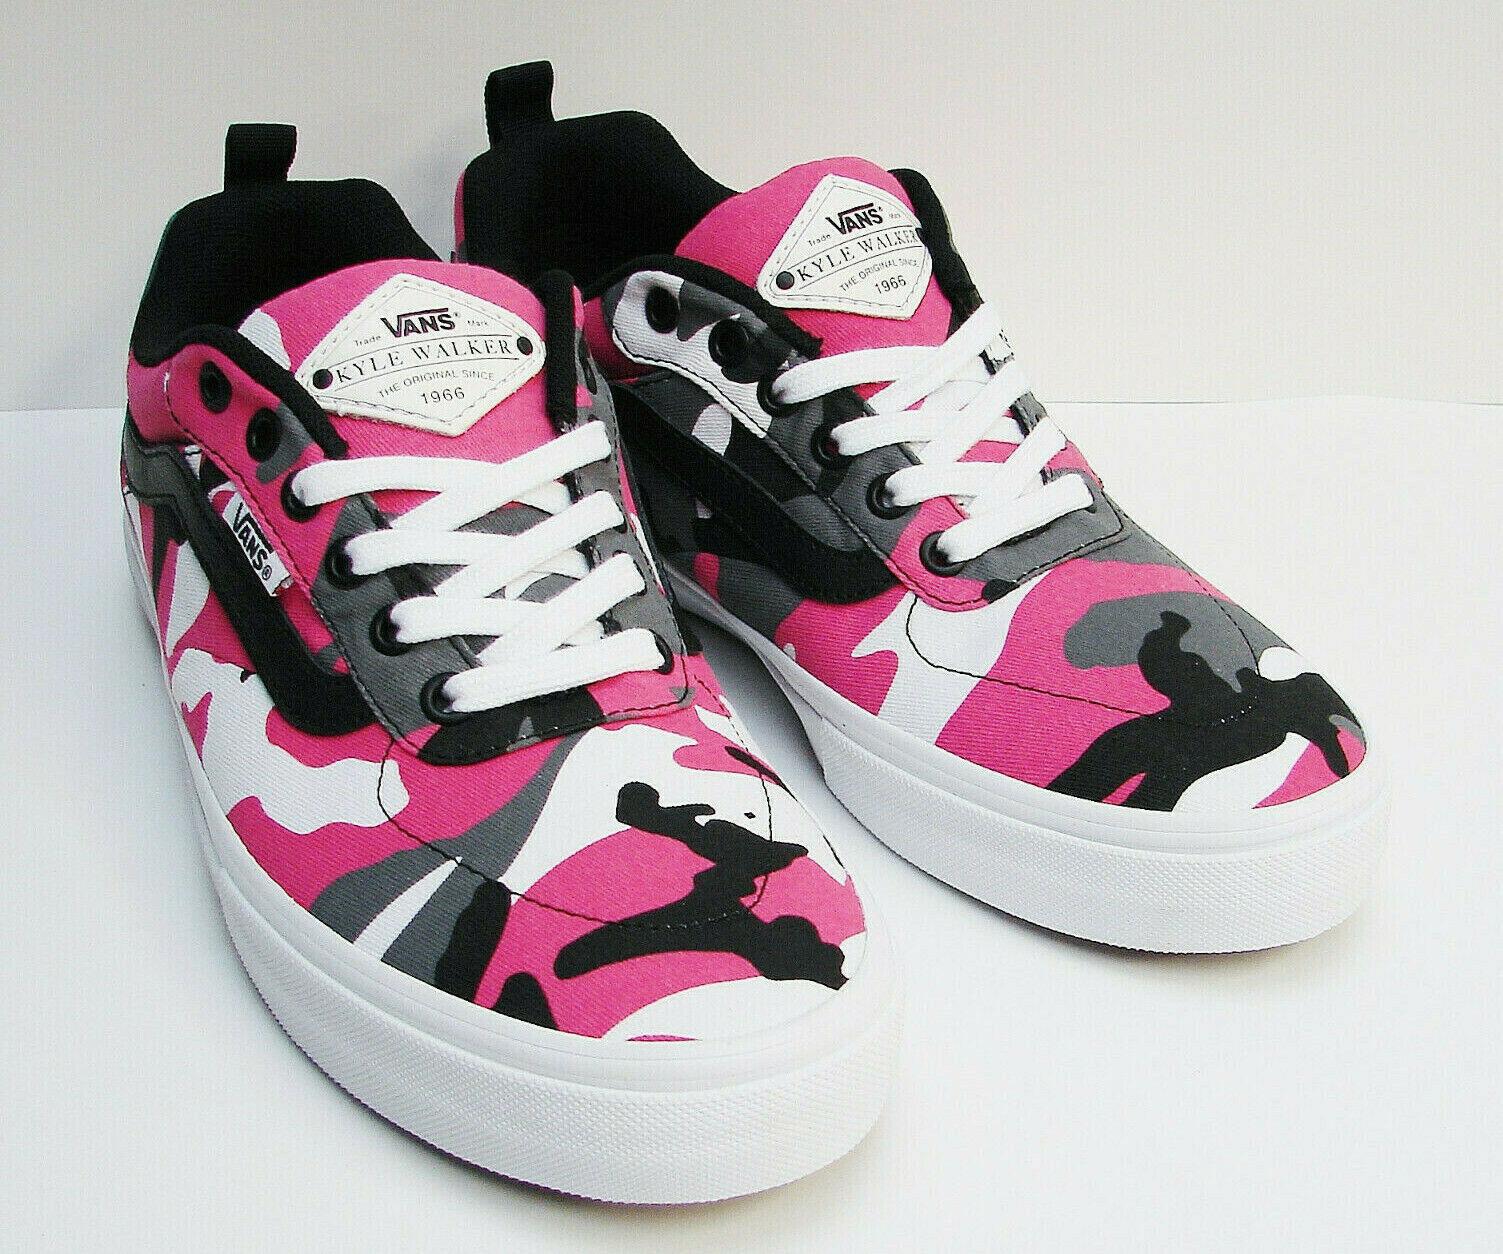 Kyle Walker Pro B Skate Shoes